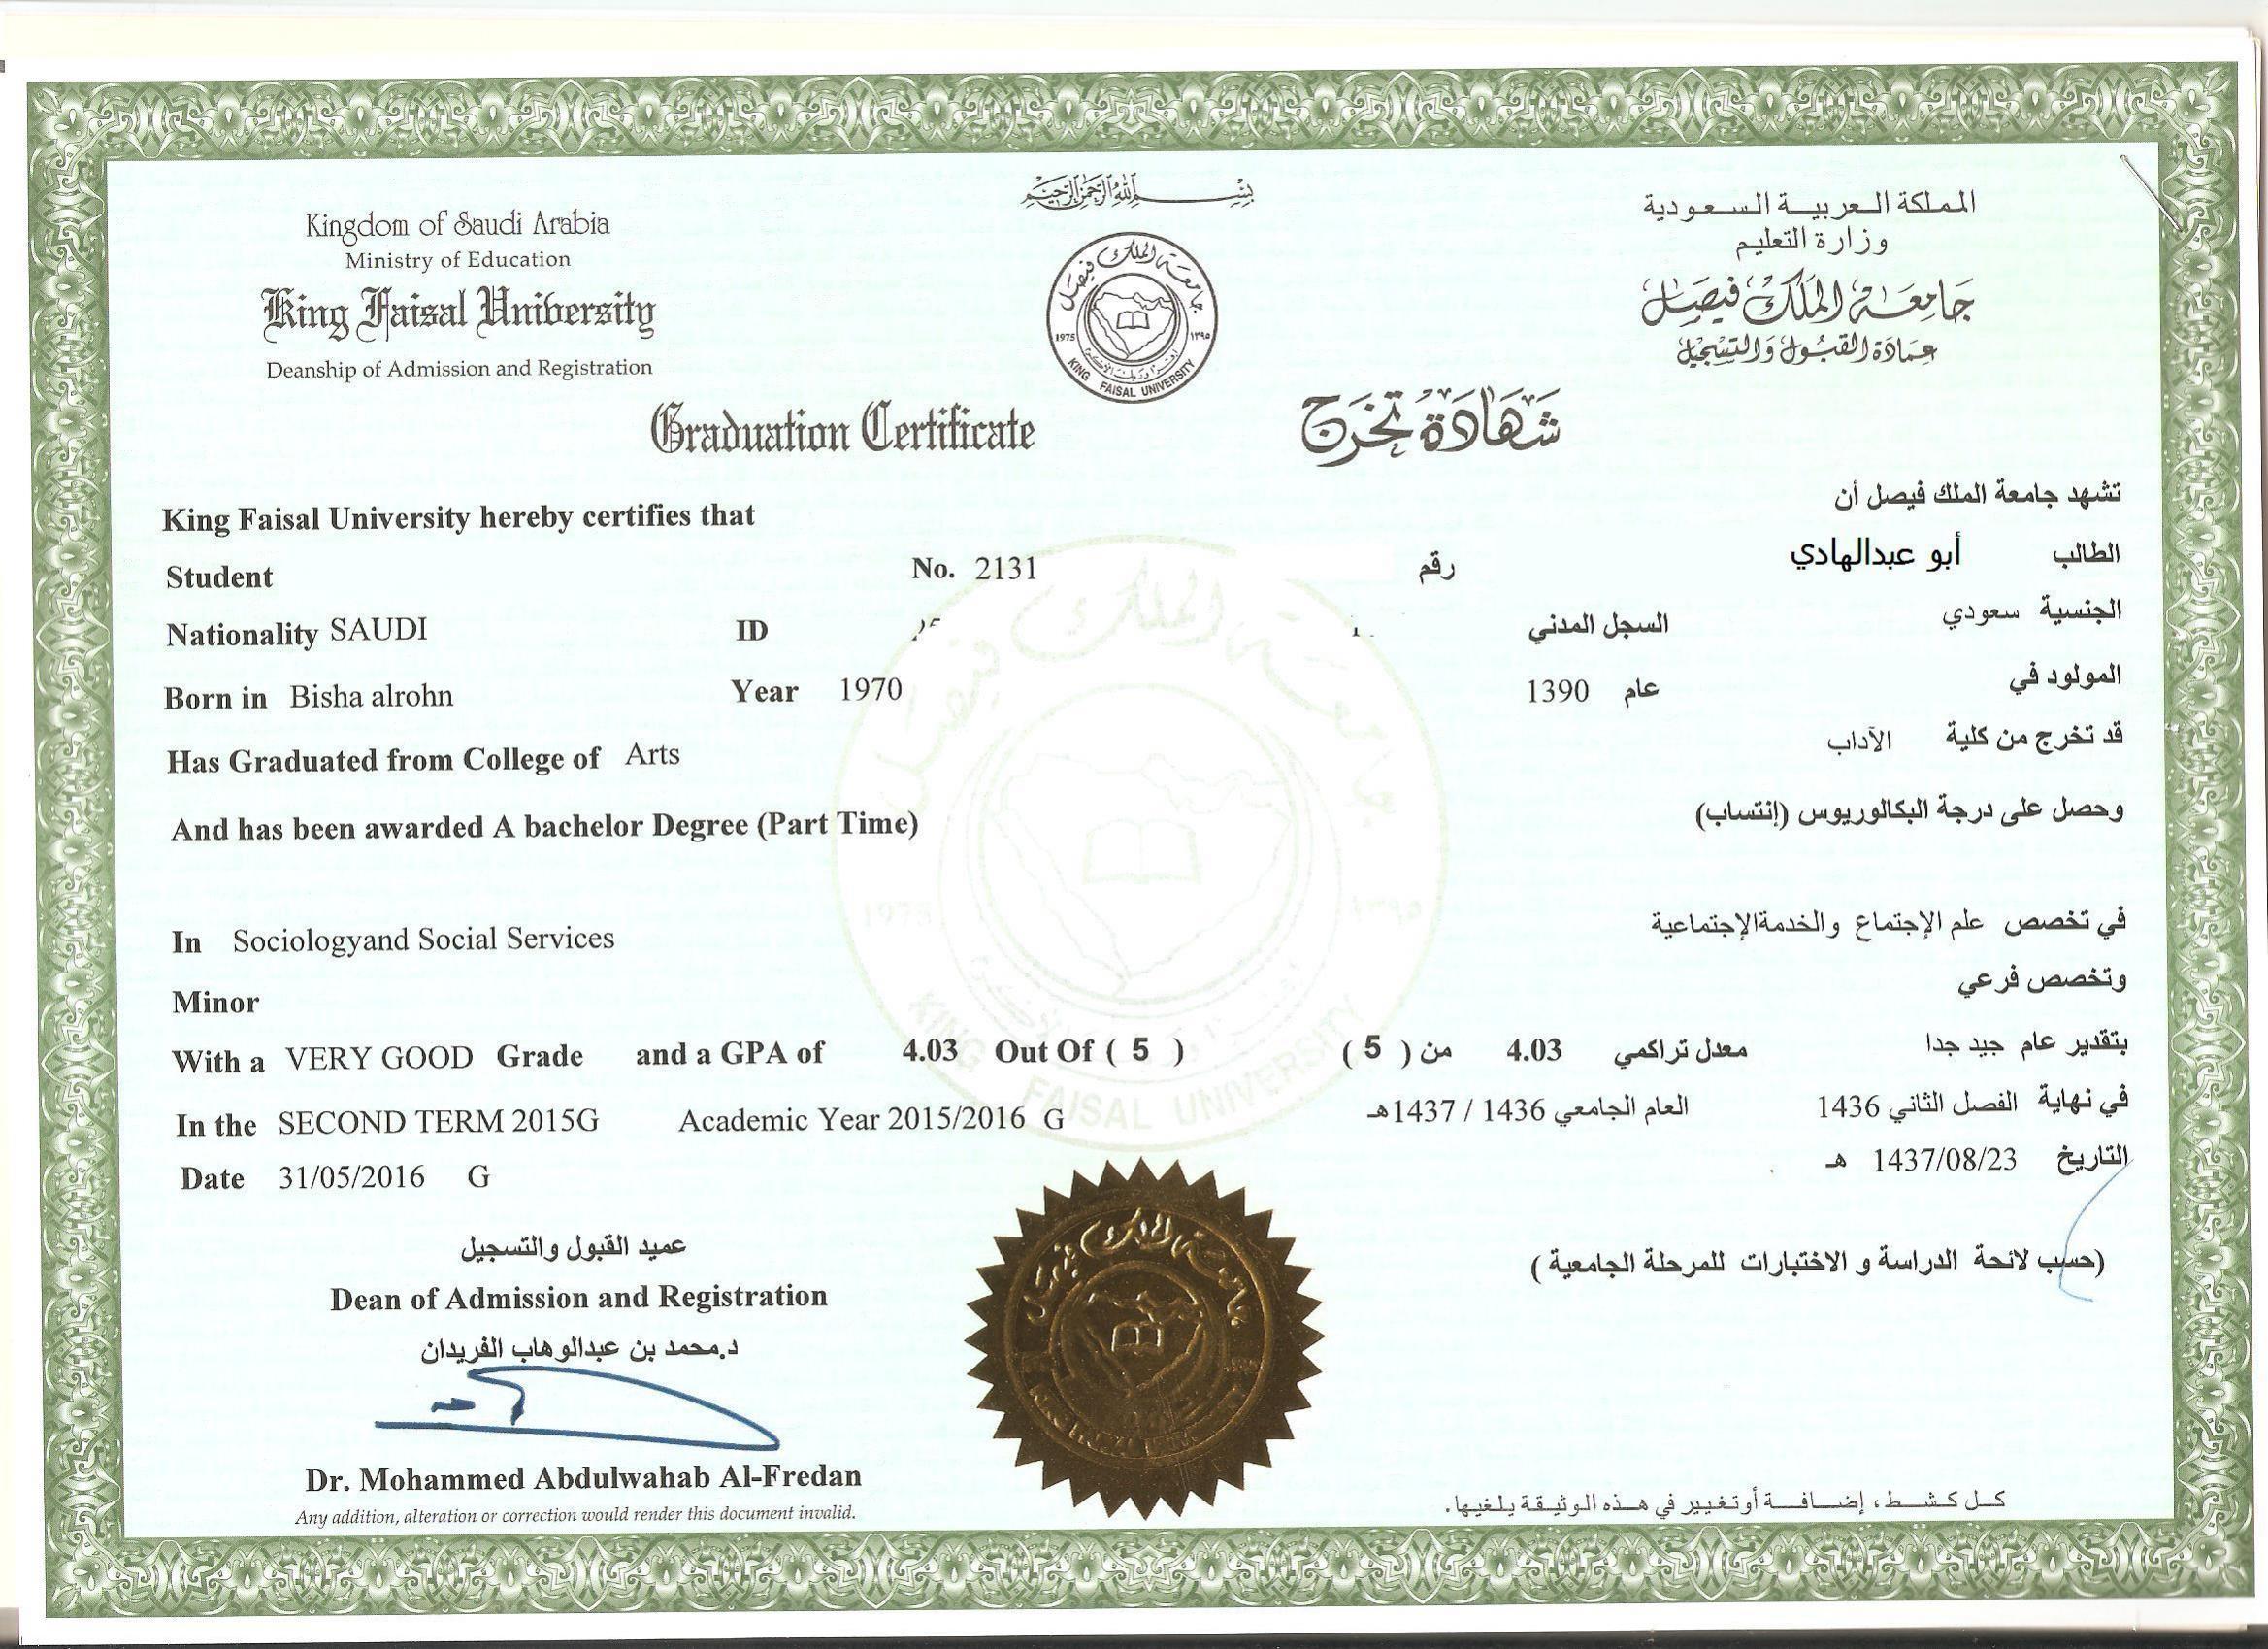 وثيقة تخرج جامعة الملك فيصل انتساب